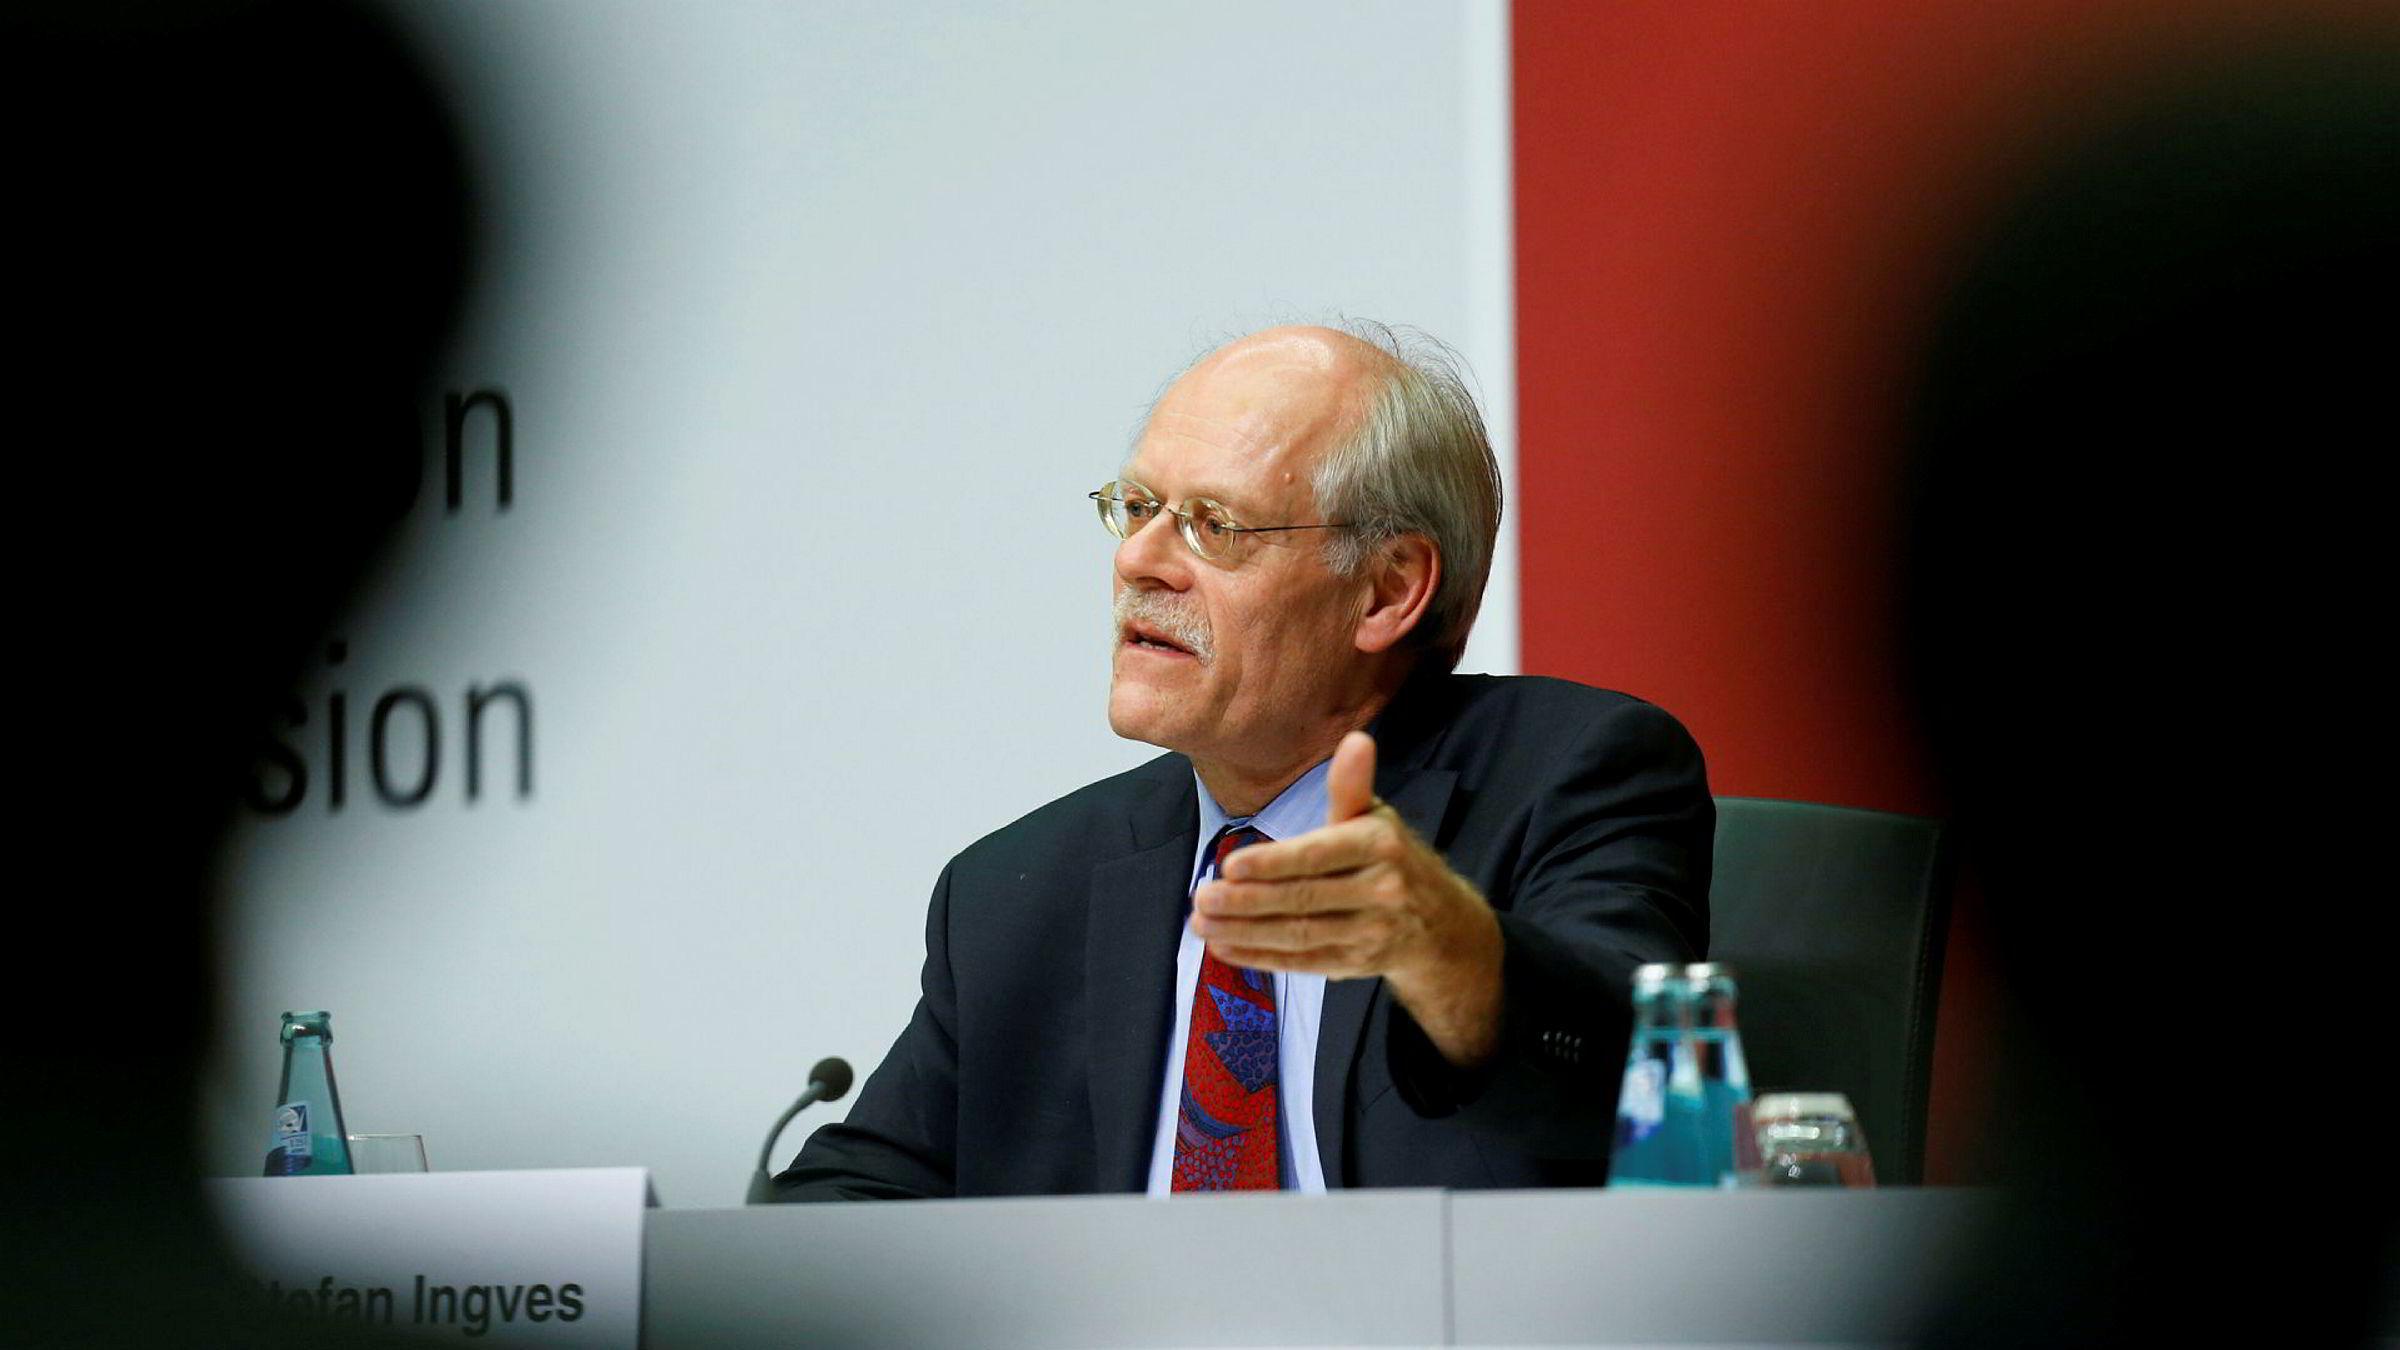 Den svenske sentralbanksjefen Stefan Ingves har skjøvet rentehevingen enda lenger frem i tid.